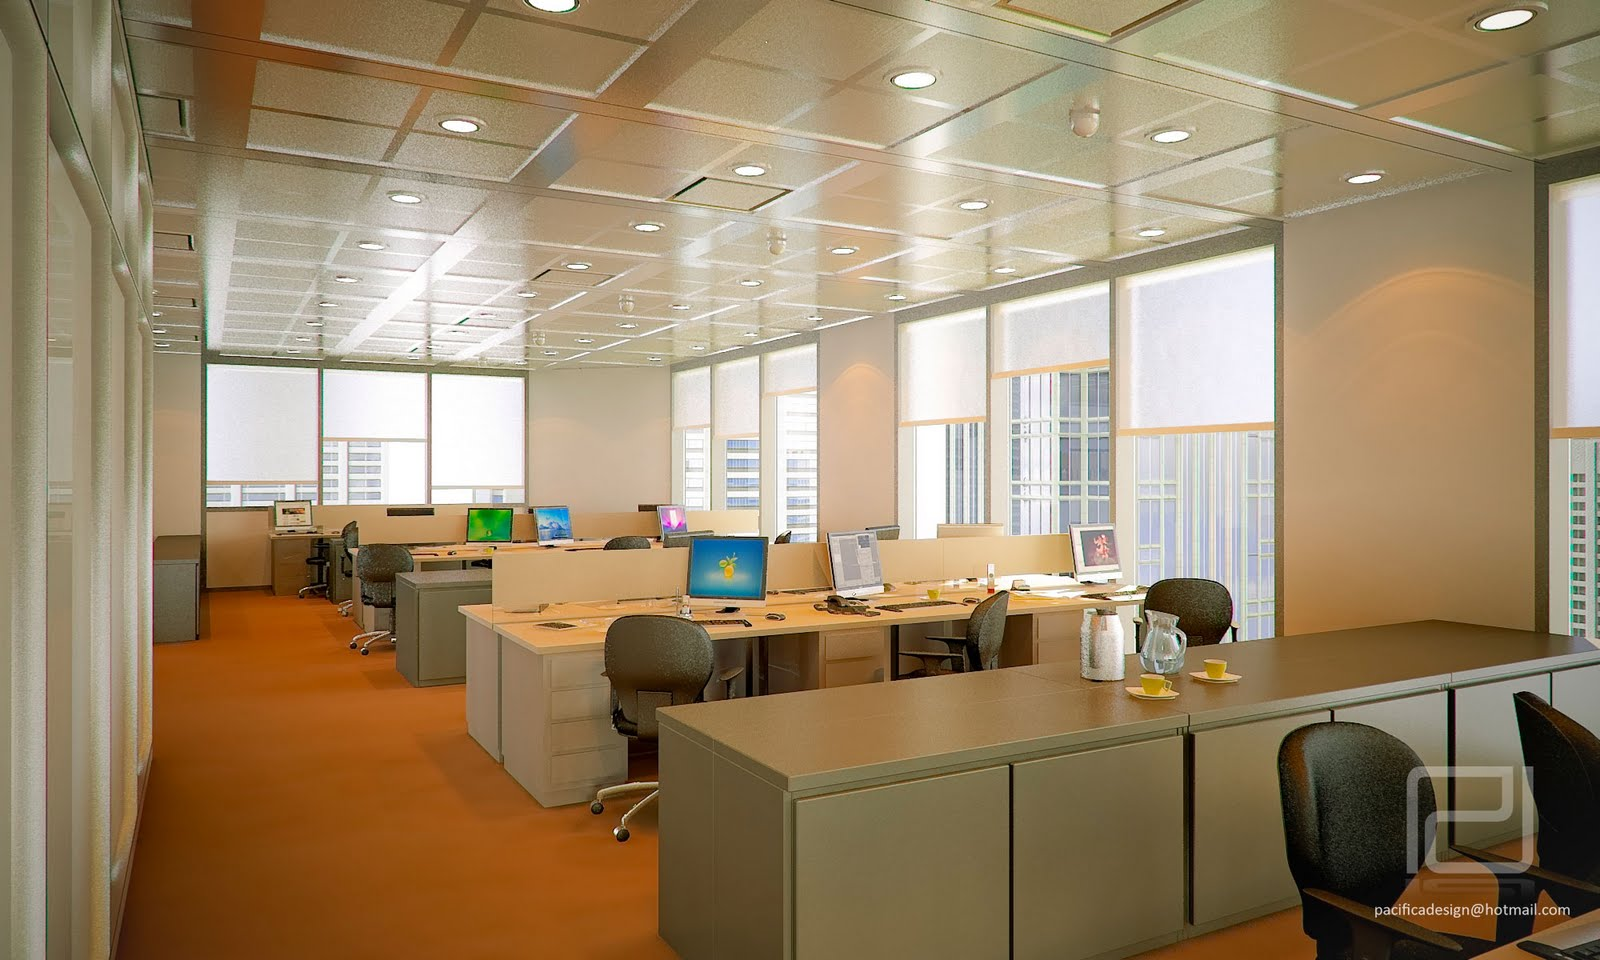 Oficinas corporativas pacifica design for Diseno de oficinas corporativas